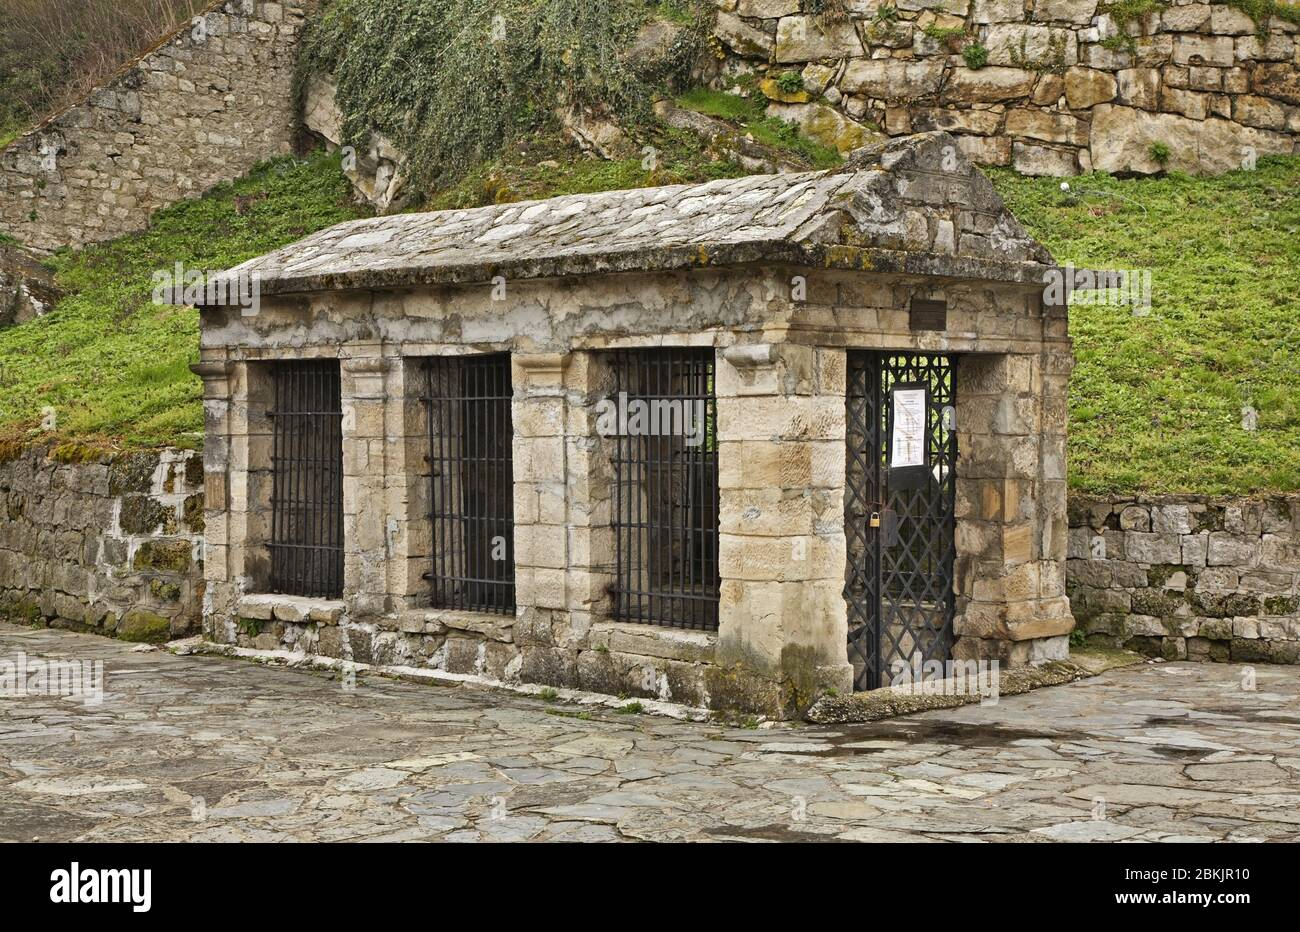 Entrance to the catacombs in Jajce. Bosnia and Herzegovina Stock Photo